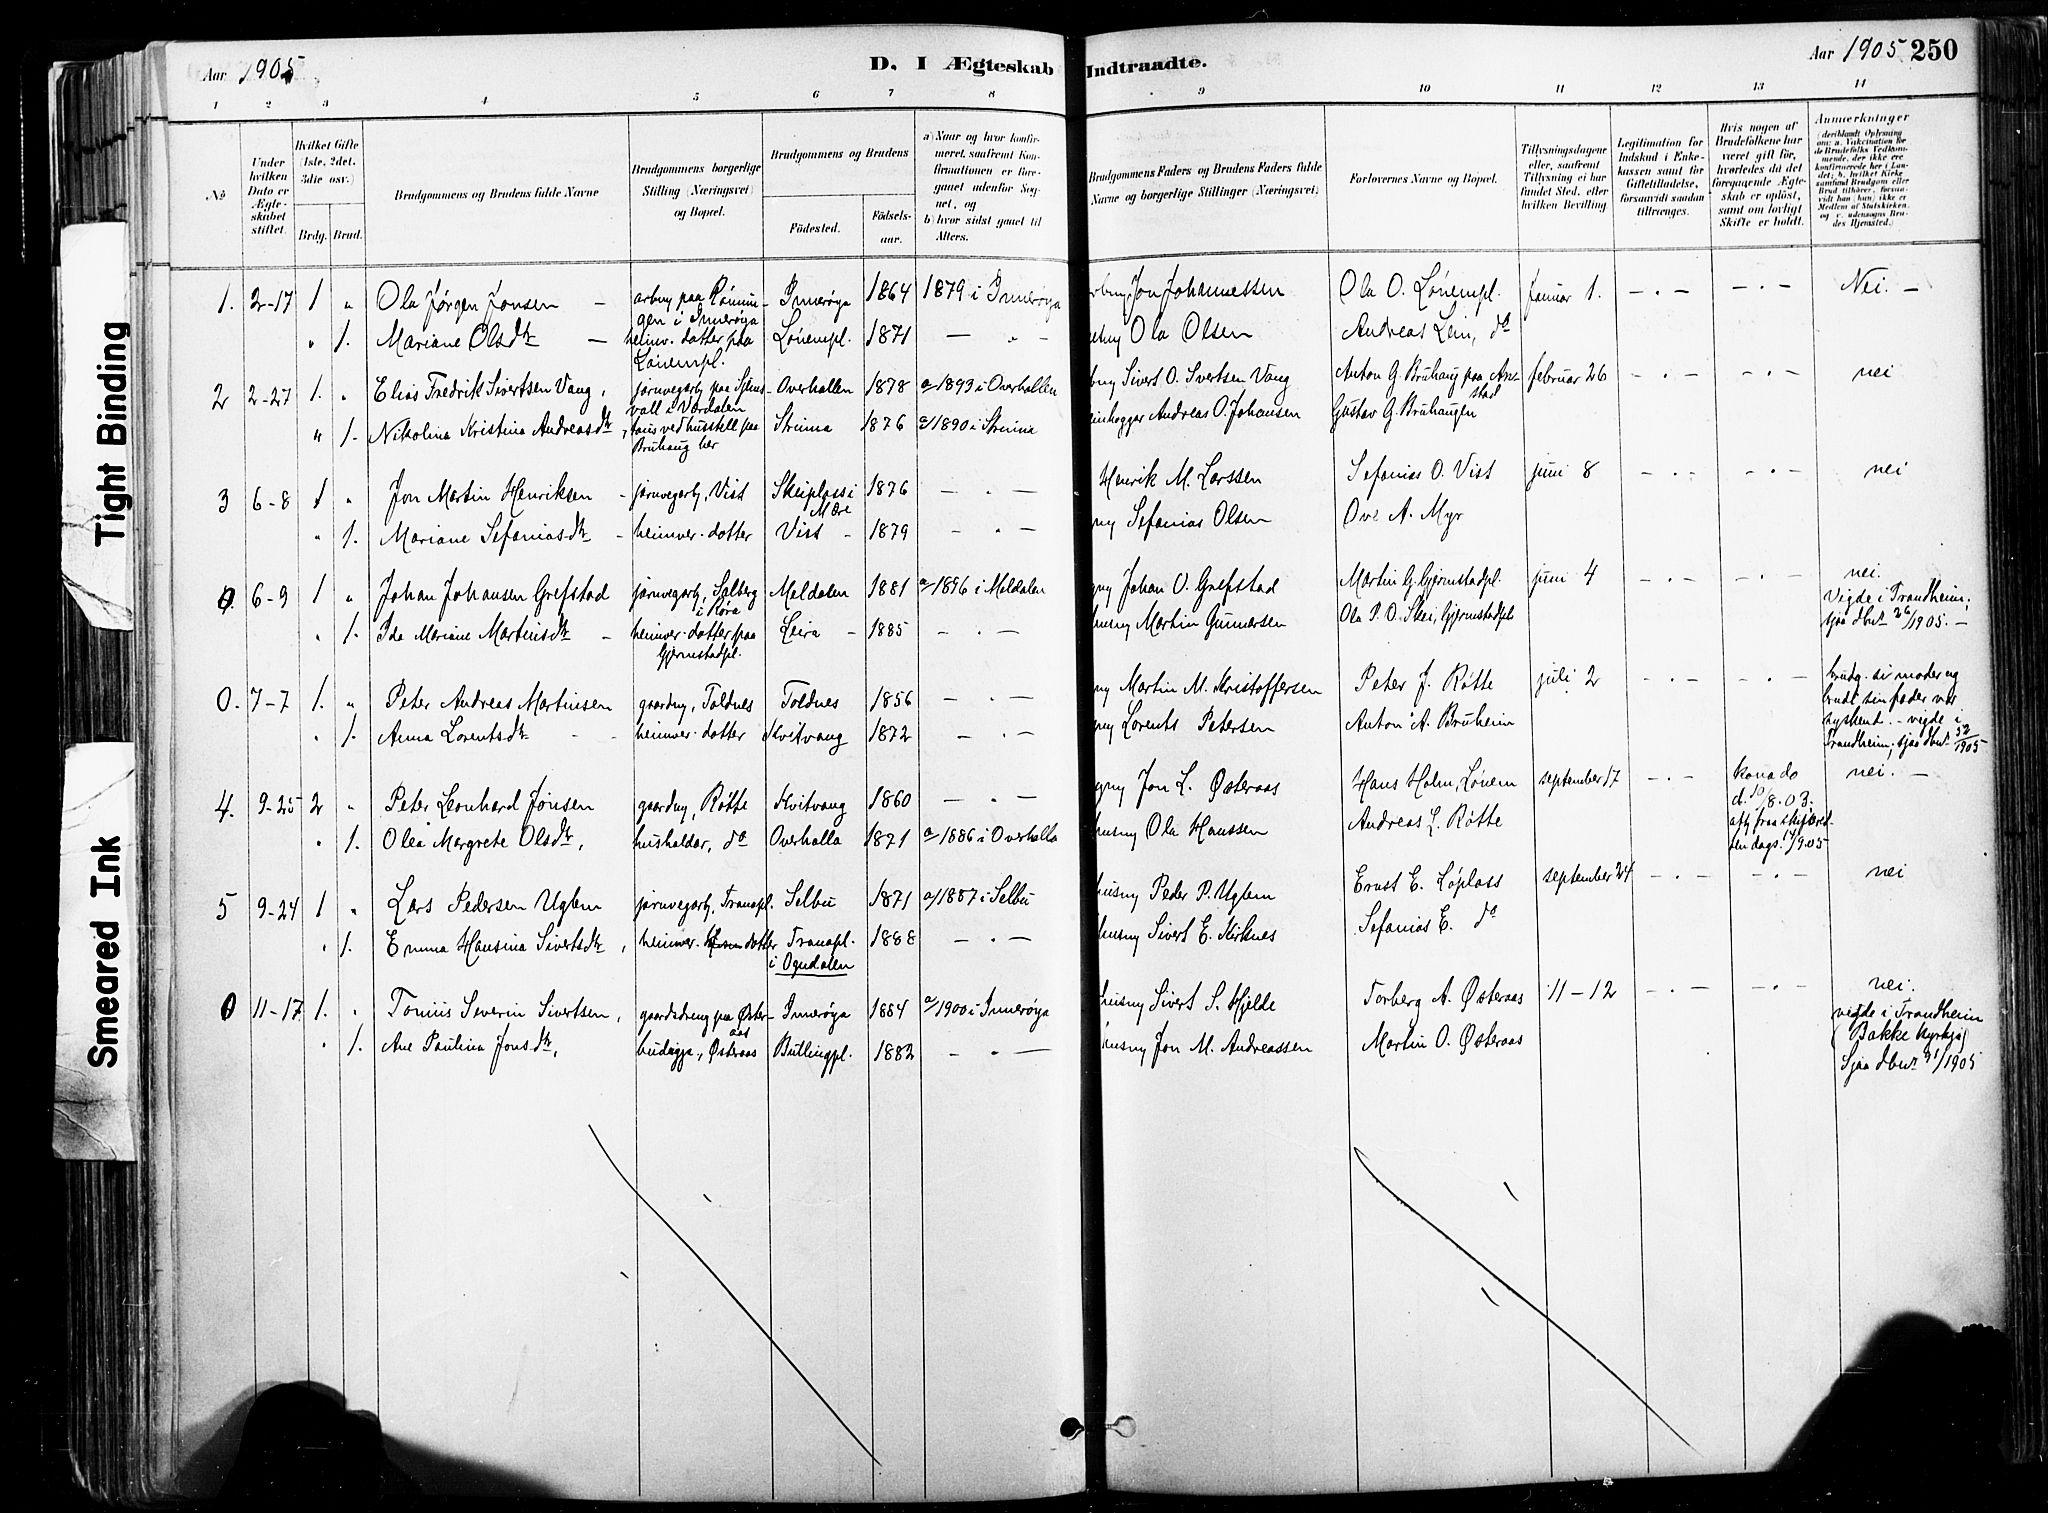 SAT, Ministerialprotokoller, klokkerbøker og fødselsregistre - Nord-Trøndelag, 735/L0351: Ministerialbok nr. 735A10, 1884-1908, s. 250